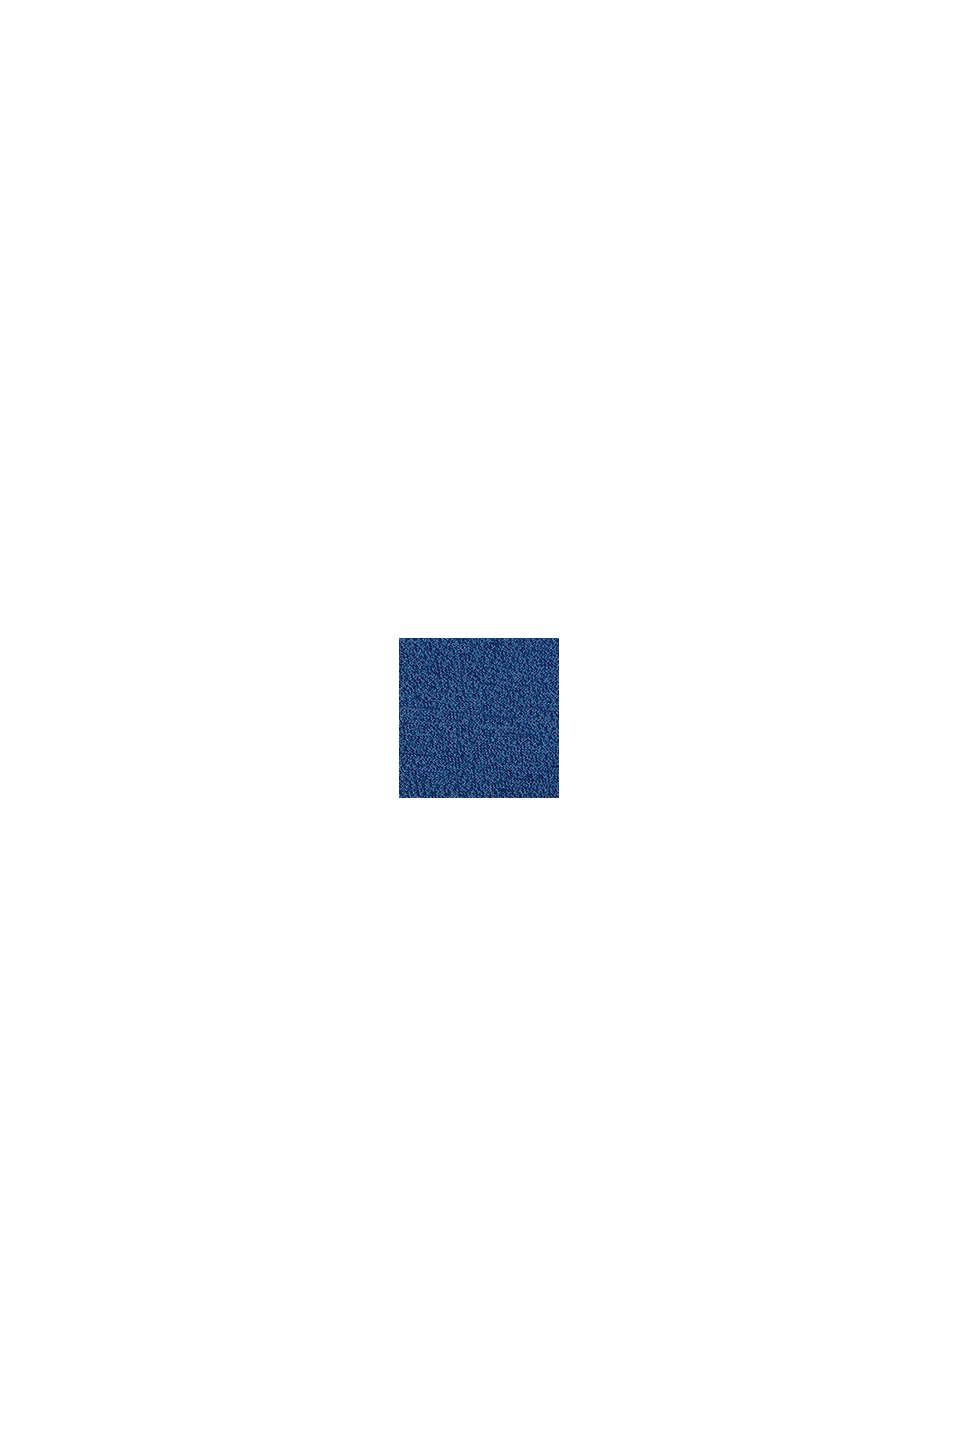 Pullover melangiato colorato in cotone biologico, INK, swatch